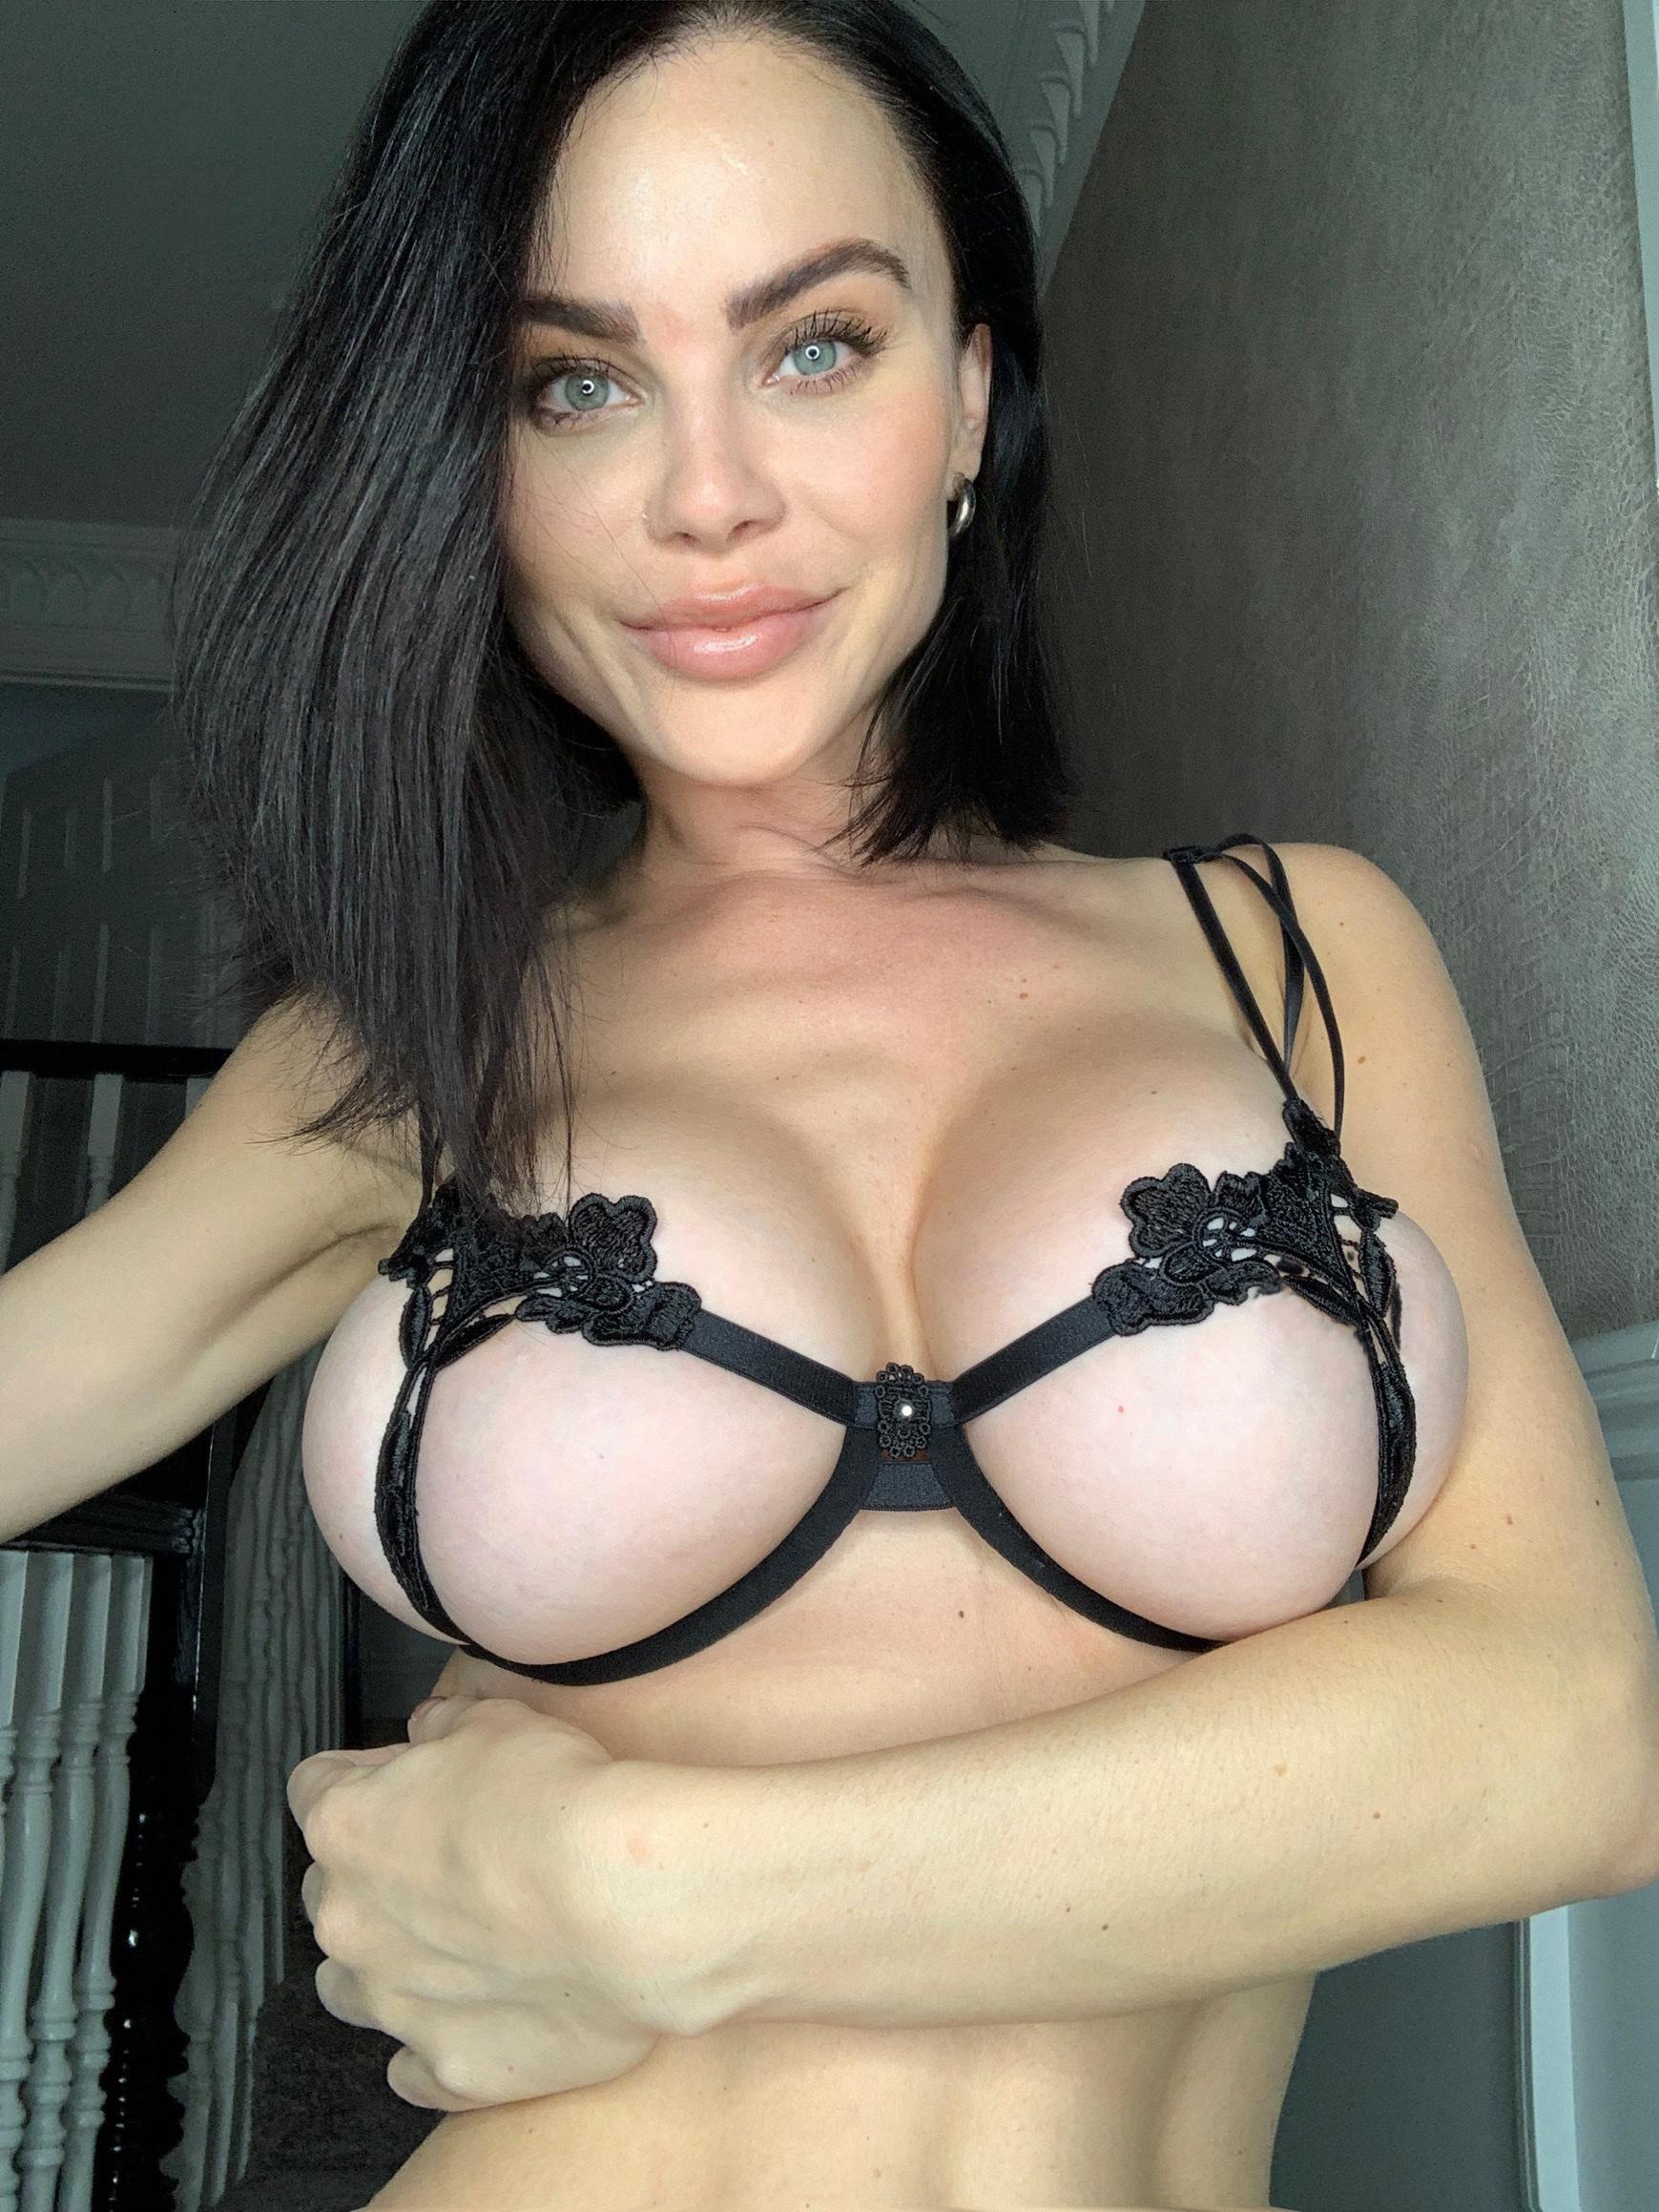 Allll black lingerie!